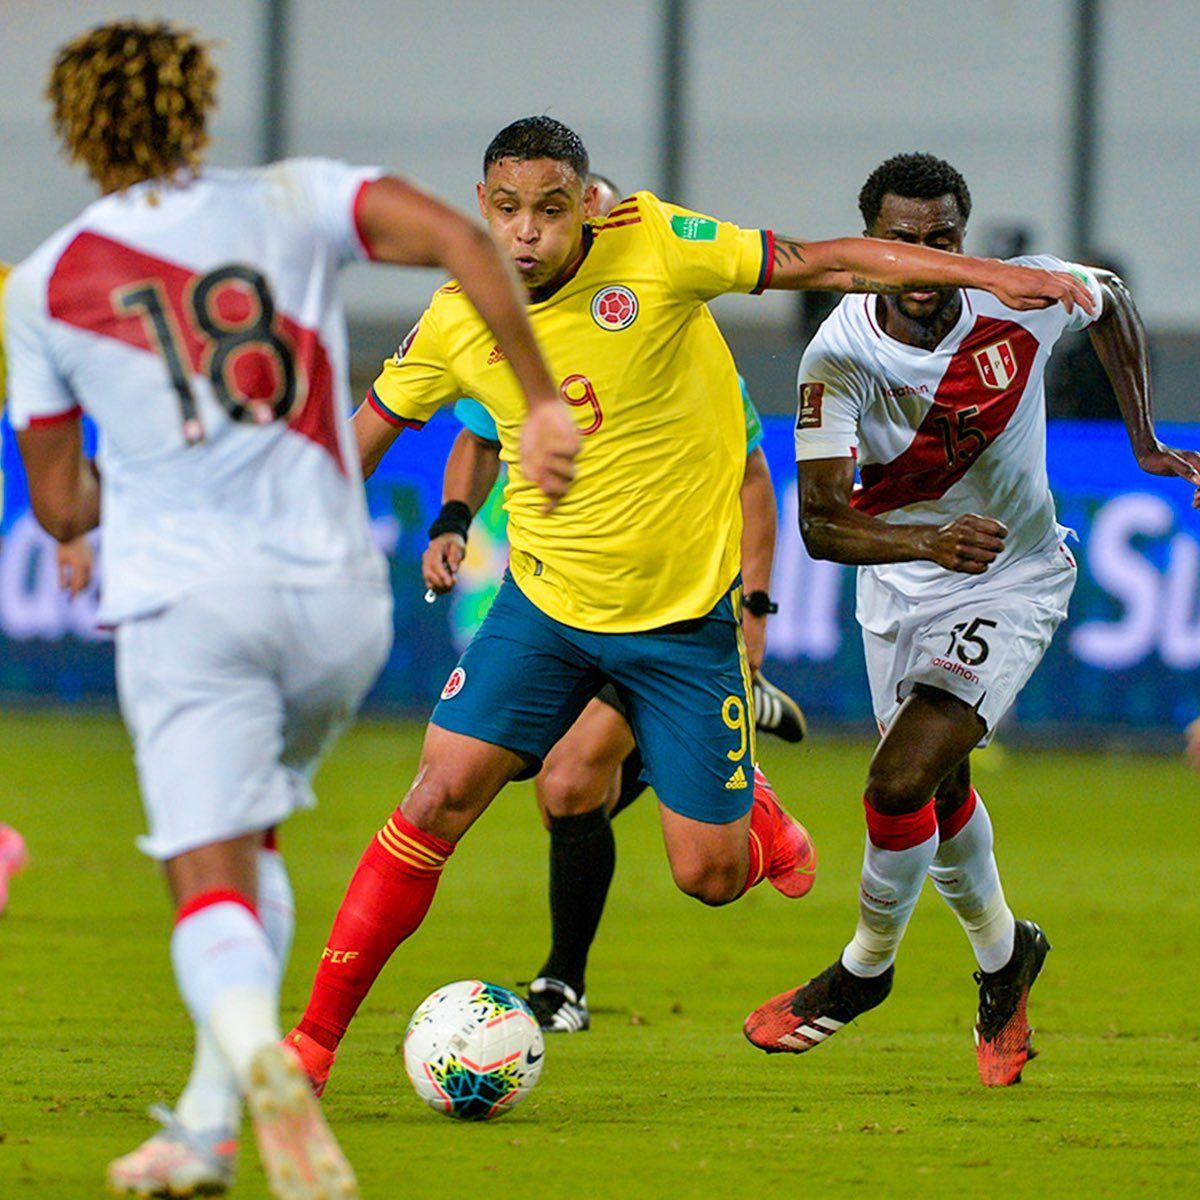 ¿Cuál es el itinerario de la Selección Colombia después de ganarle a Perú?